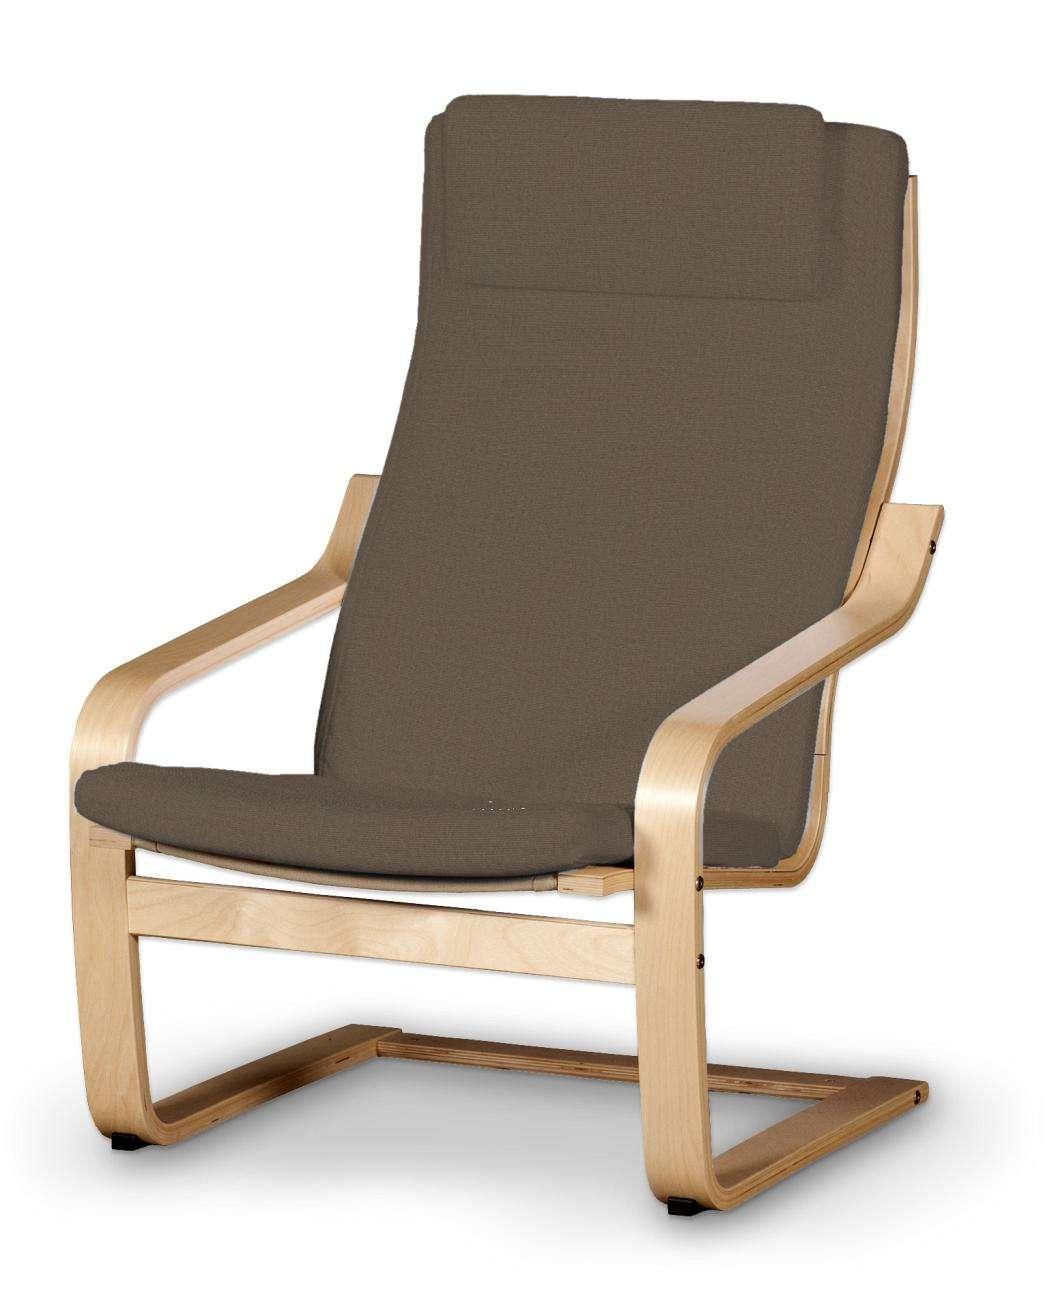 Poäng II  fotelio užvalkalas (su nuimama pagalvėle) Poäng II fotelis su nuimama pagalvėle kolekcijoje Etna , audinys: 705-08